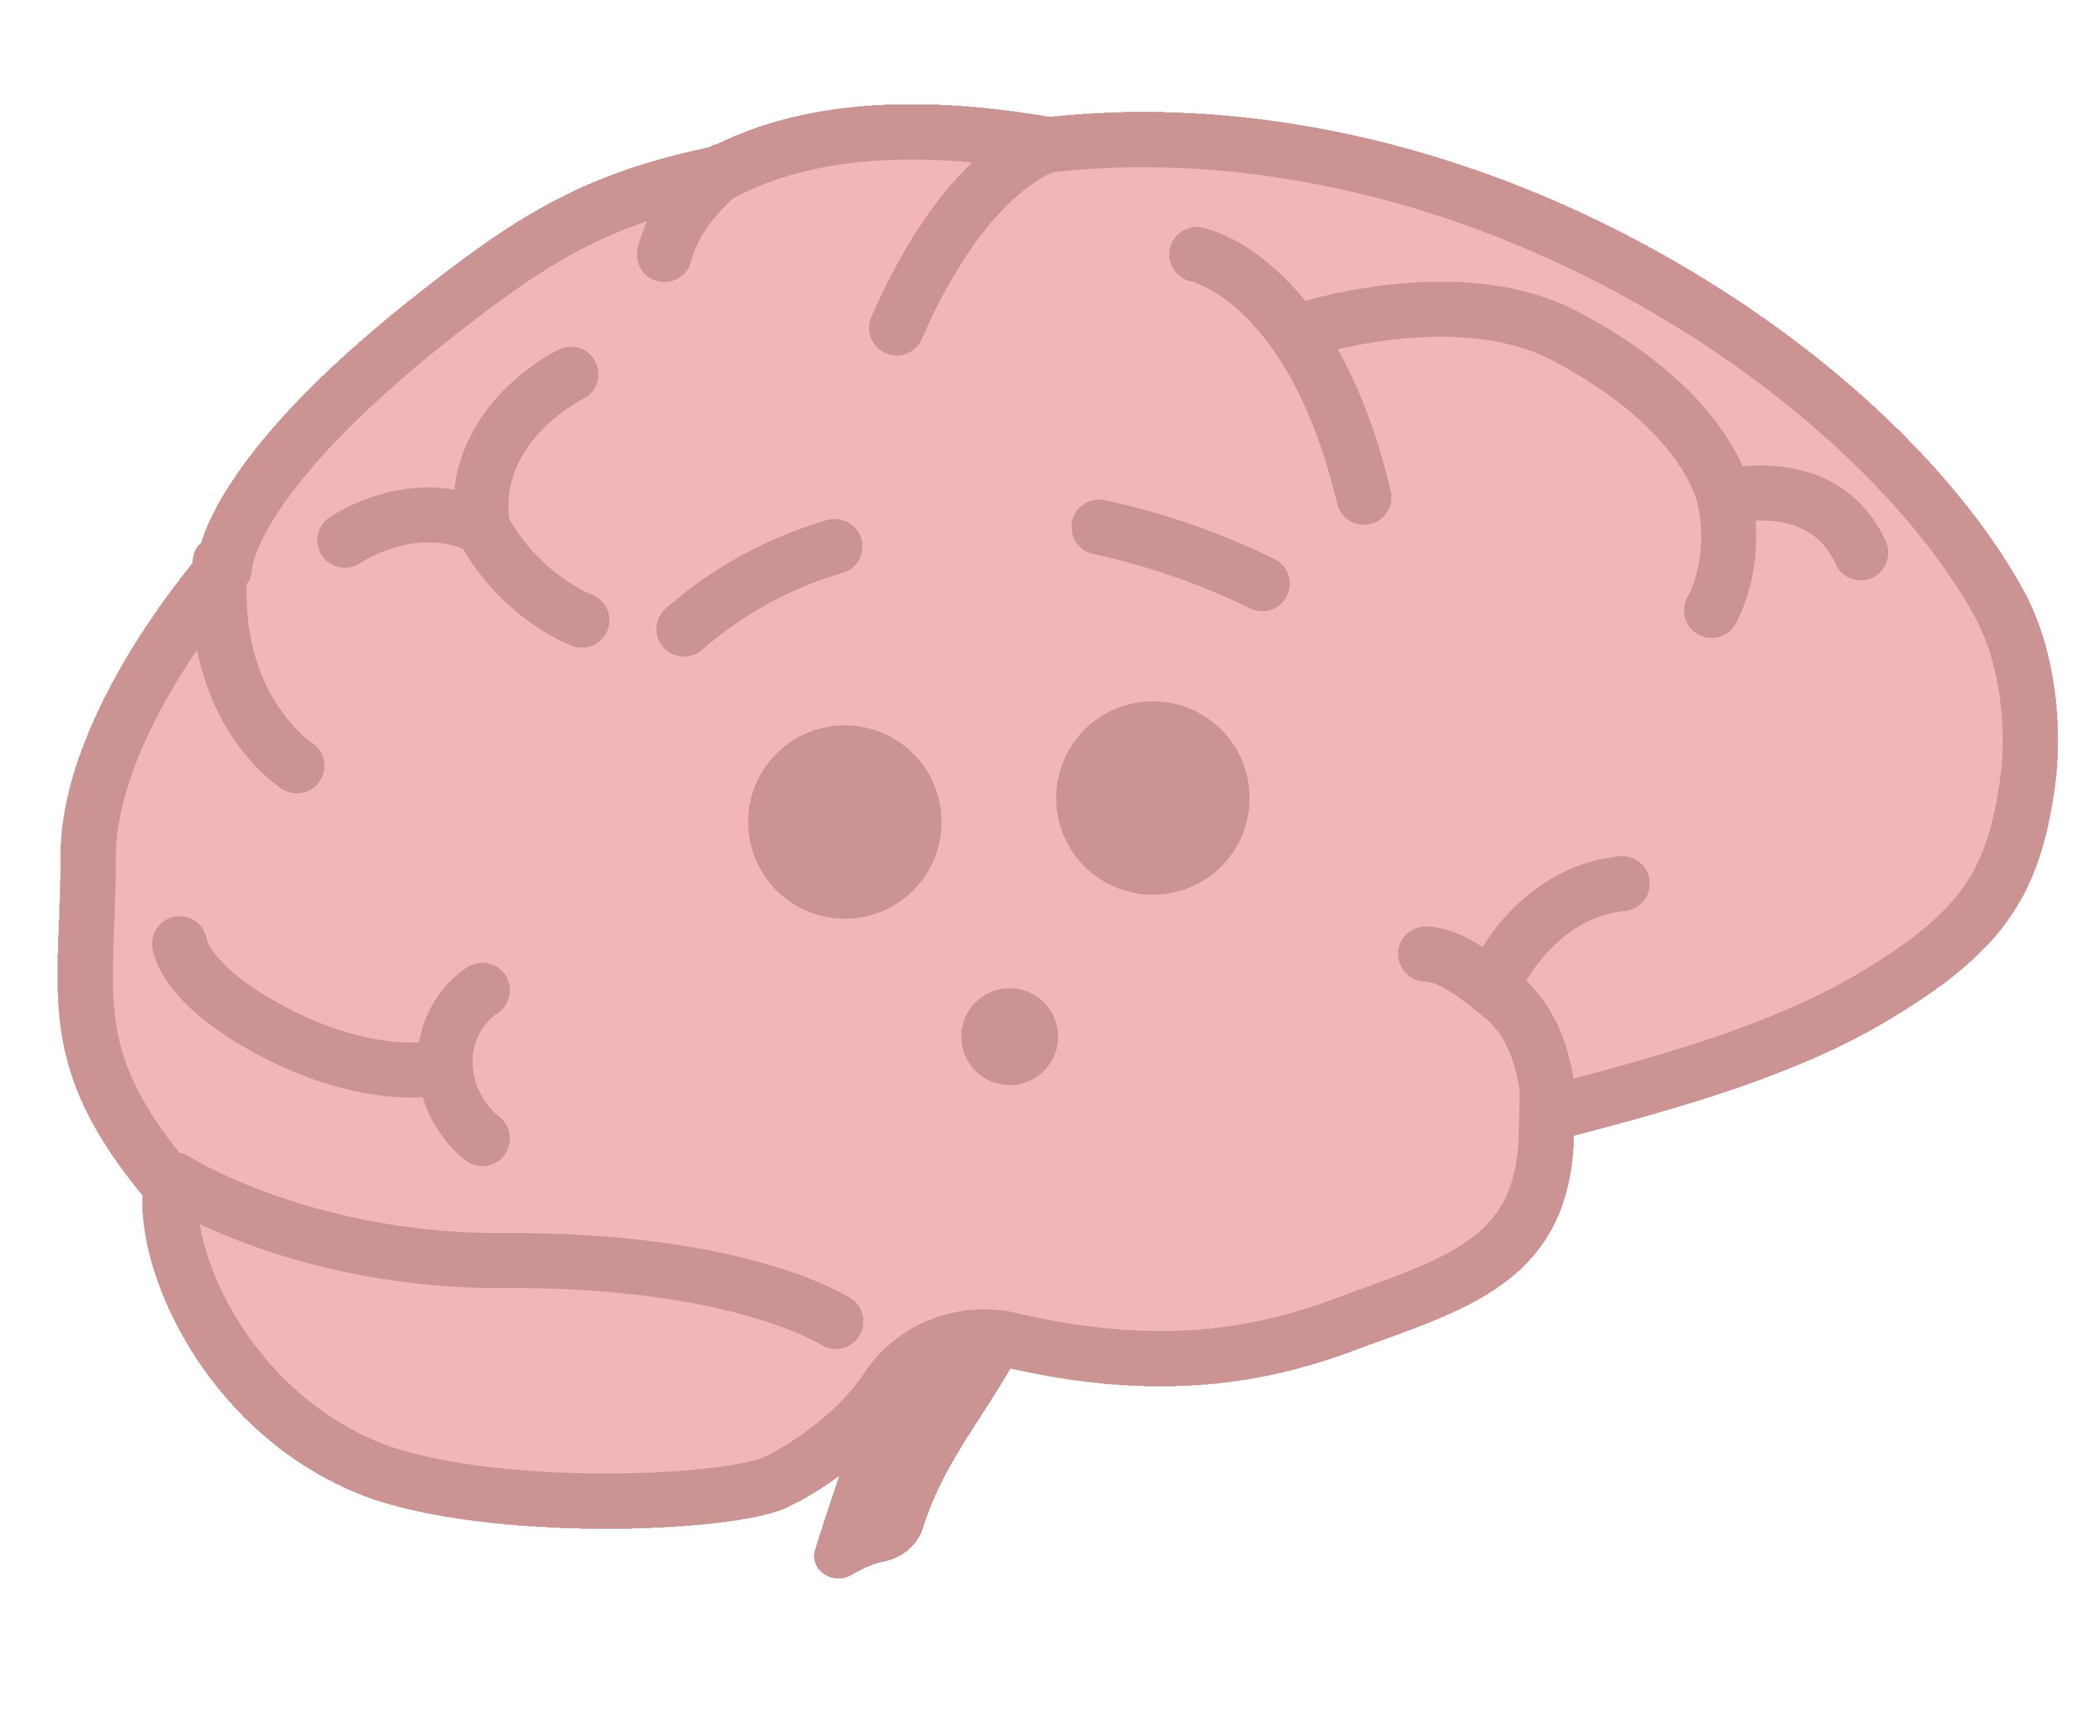 Surprised brain